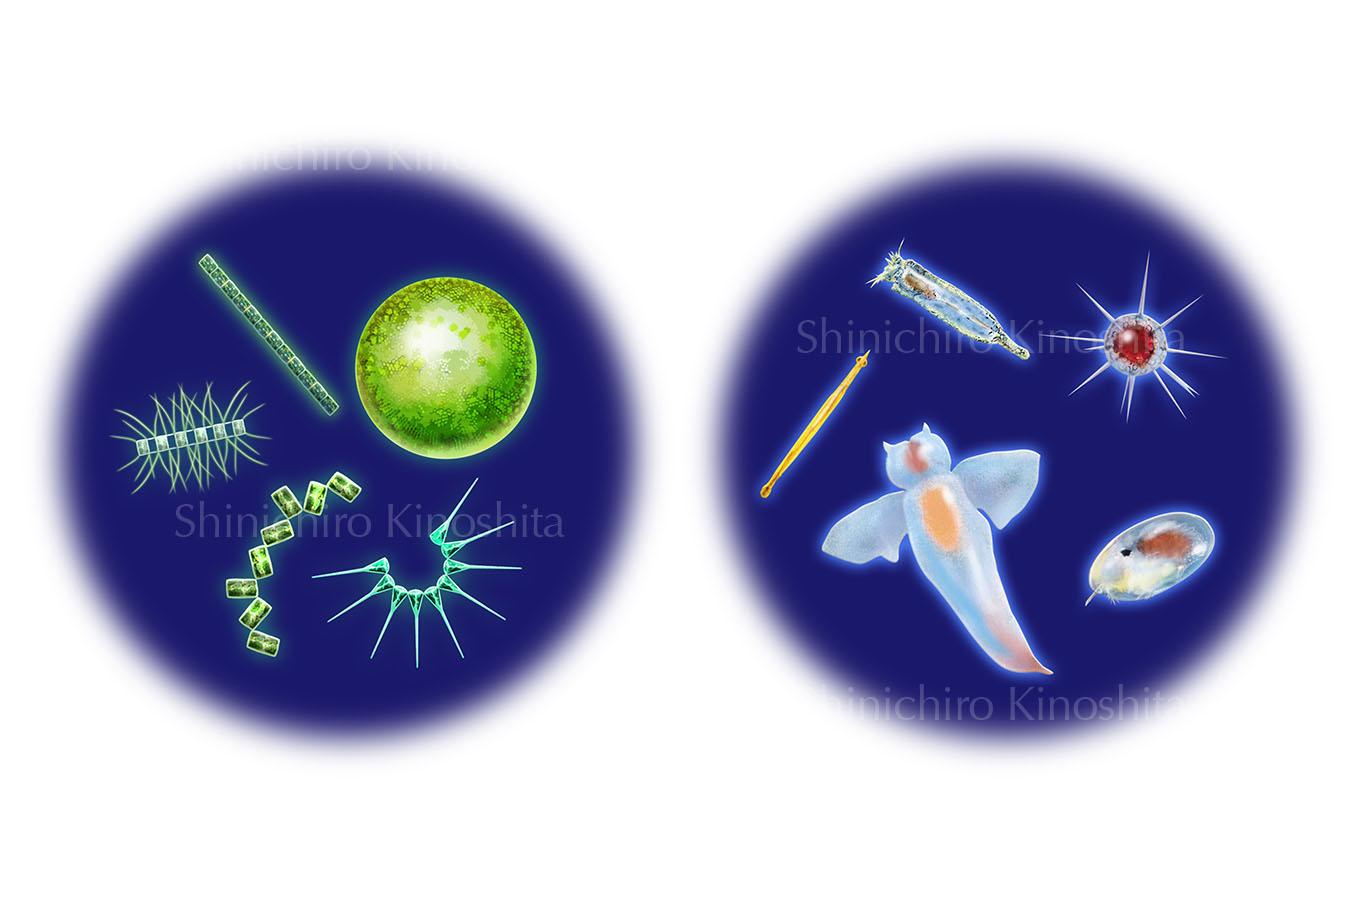 植物プランクトンと動物プランクトンー「海中大探検」(岩崎書店)